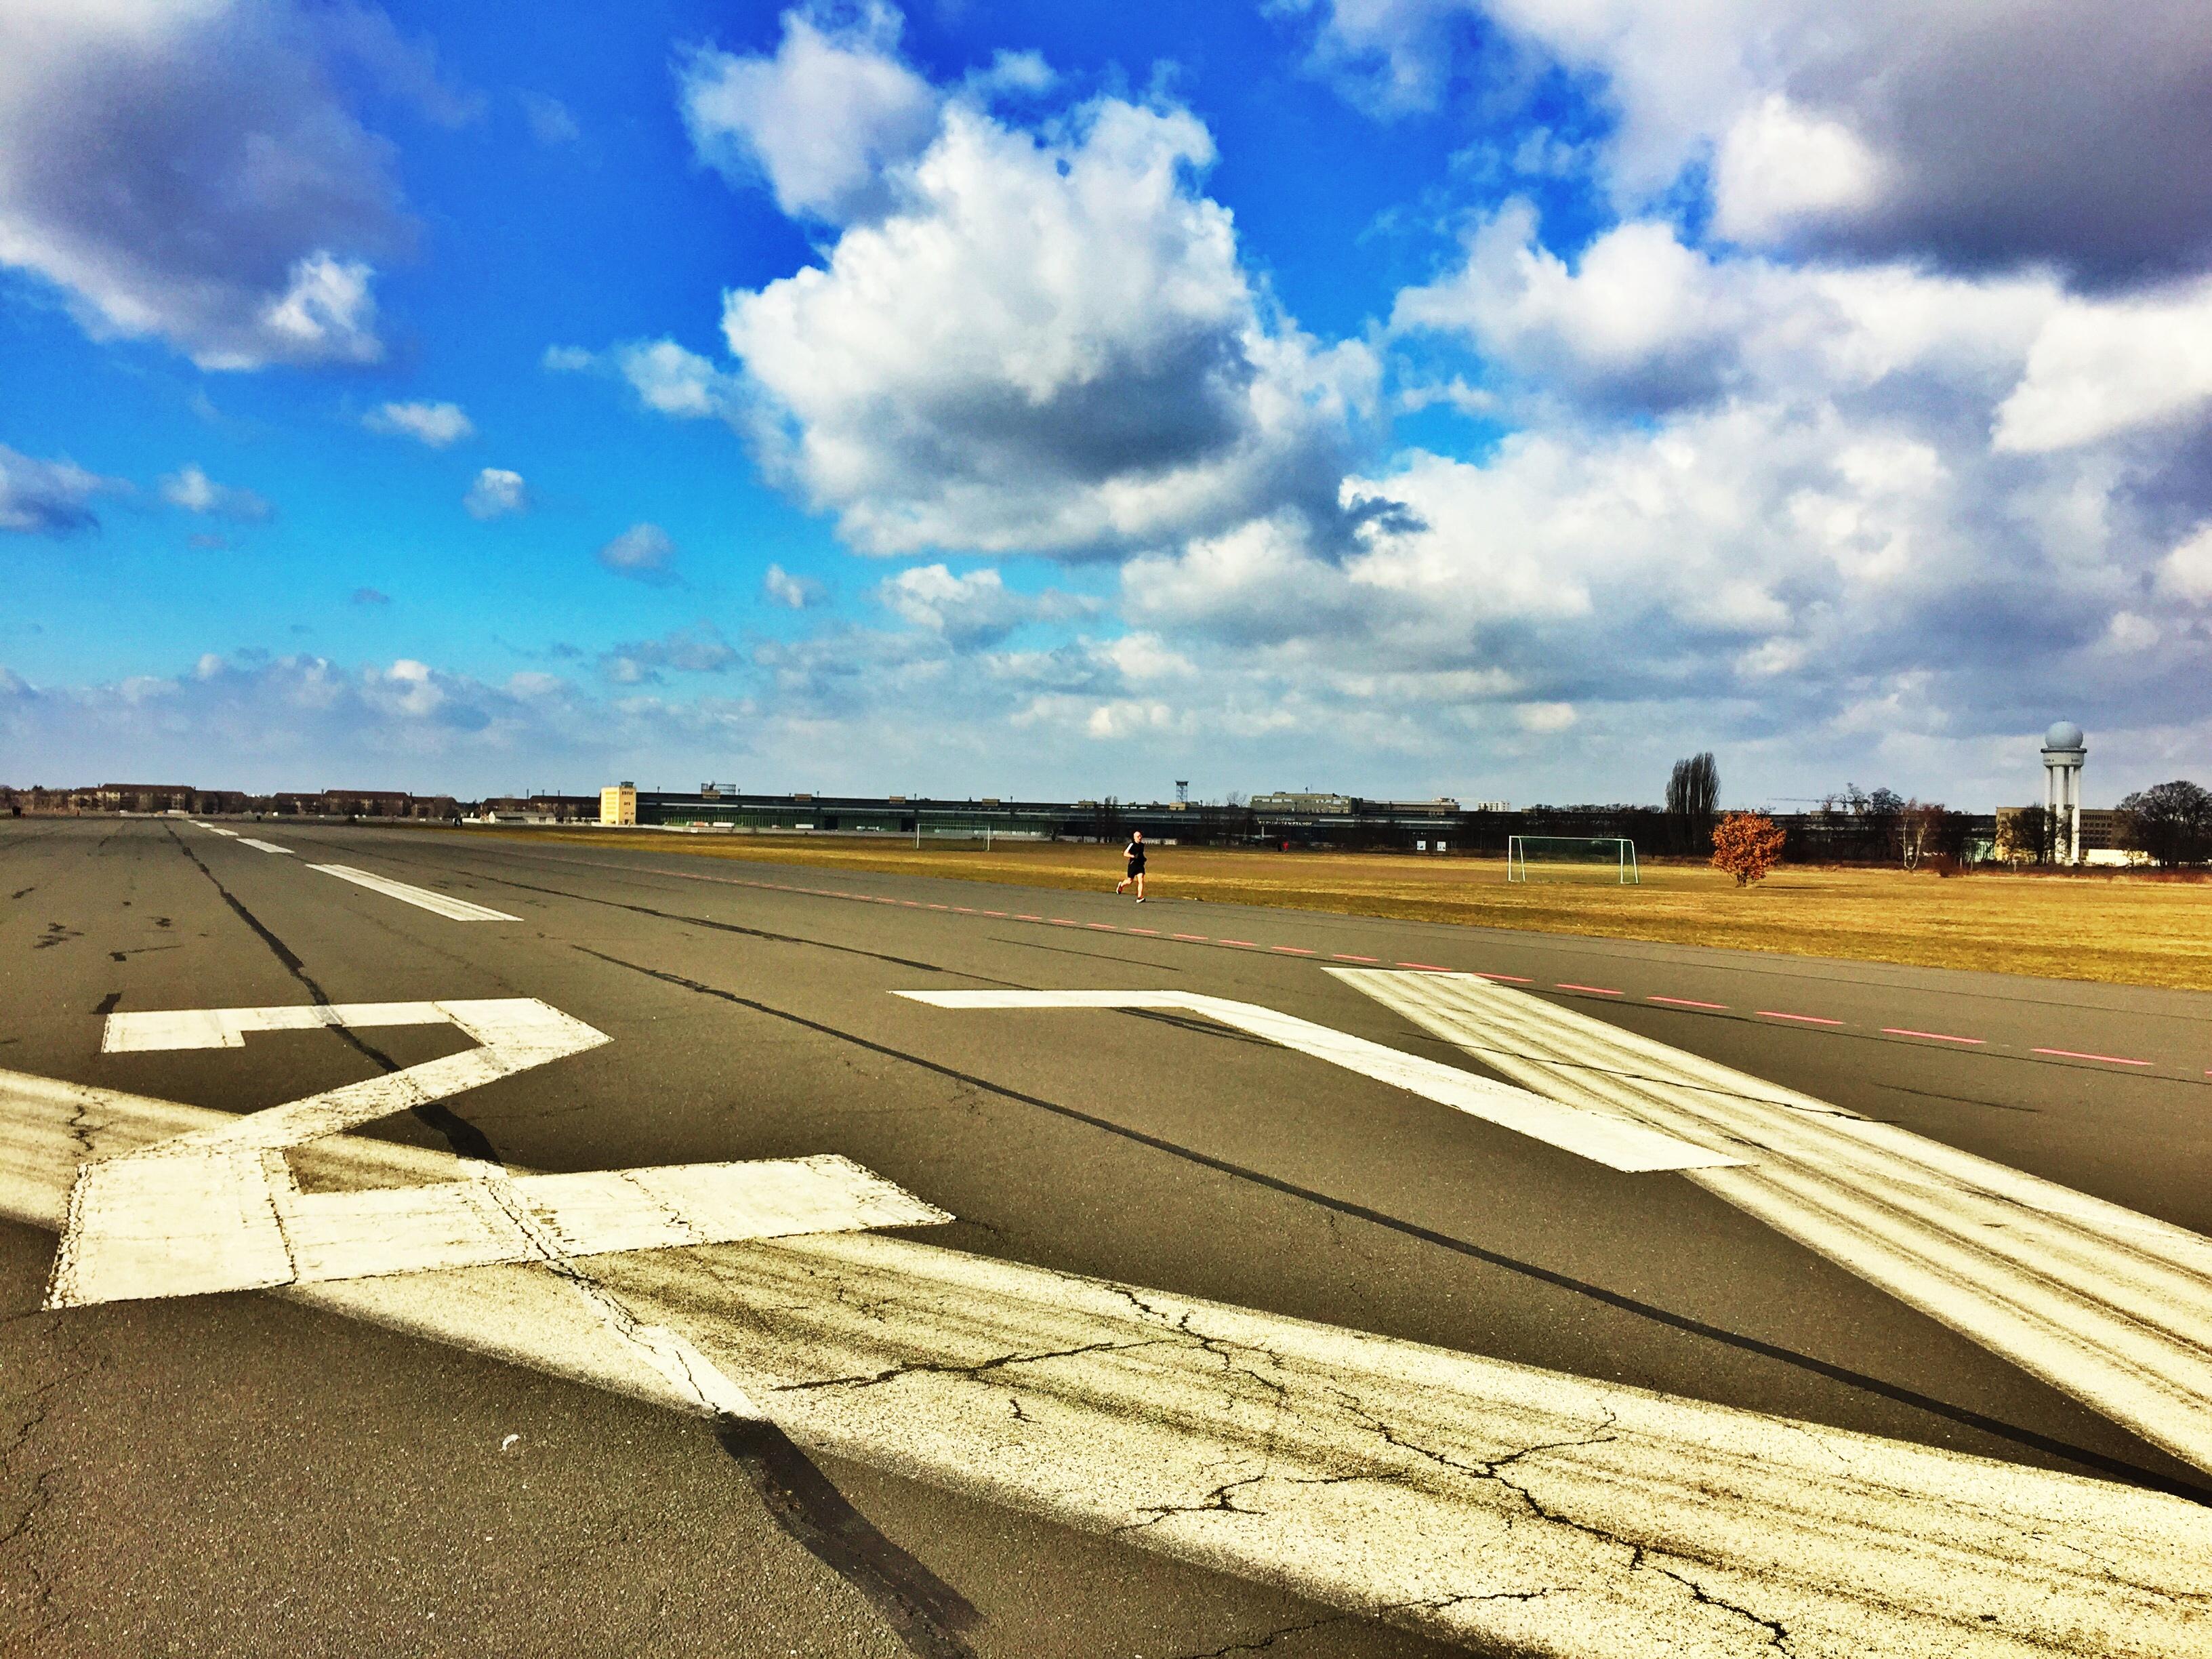 Piste aéroport Tempelhog